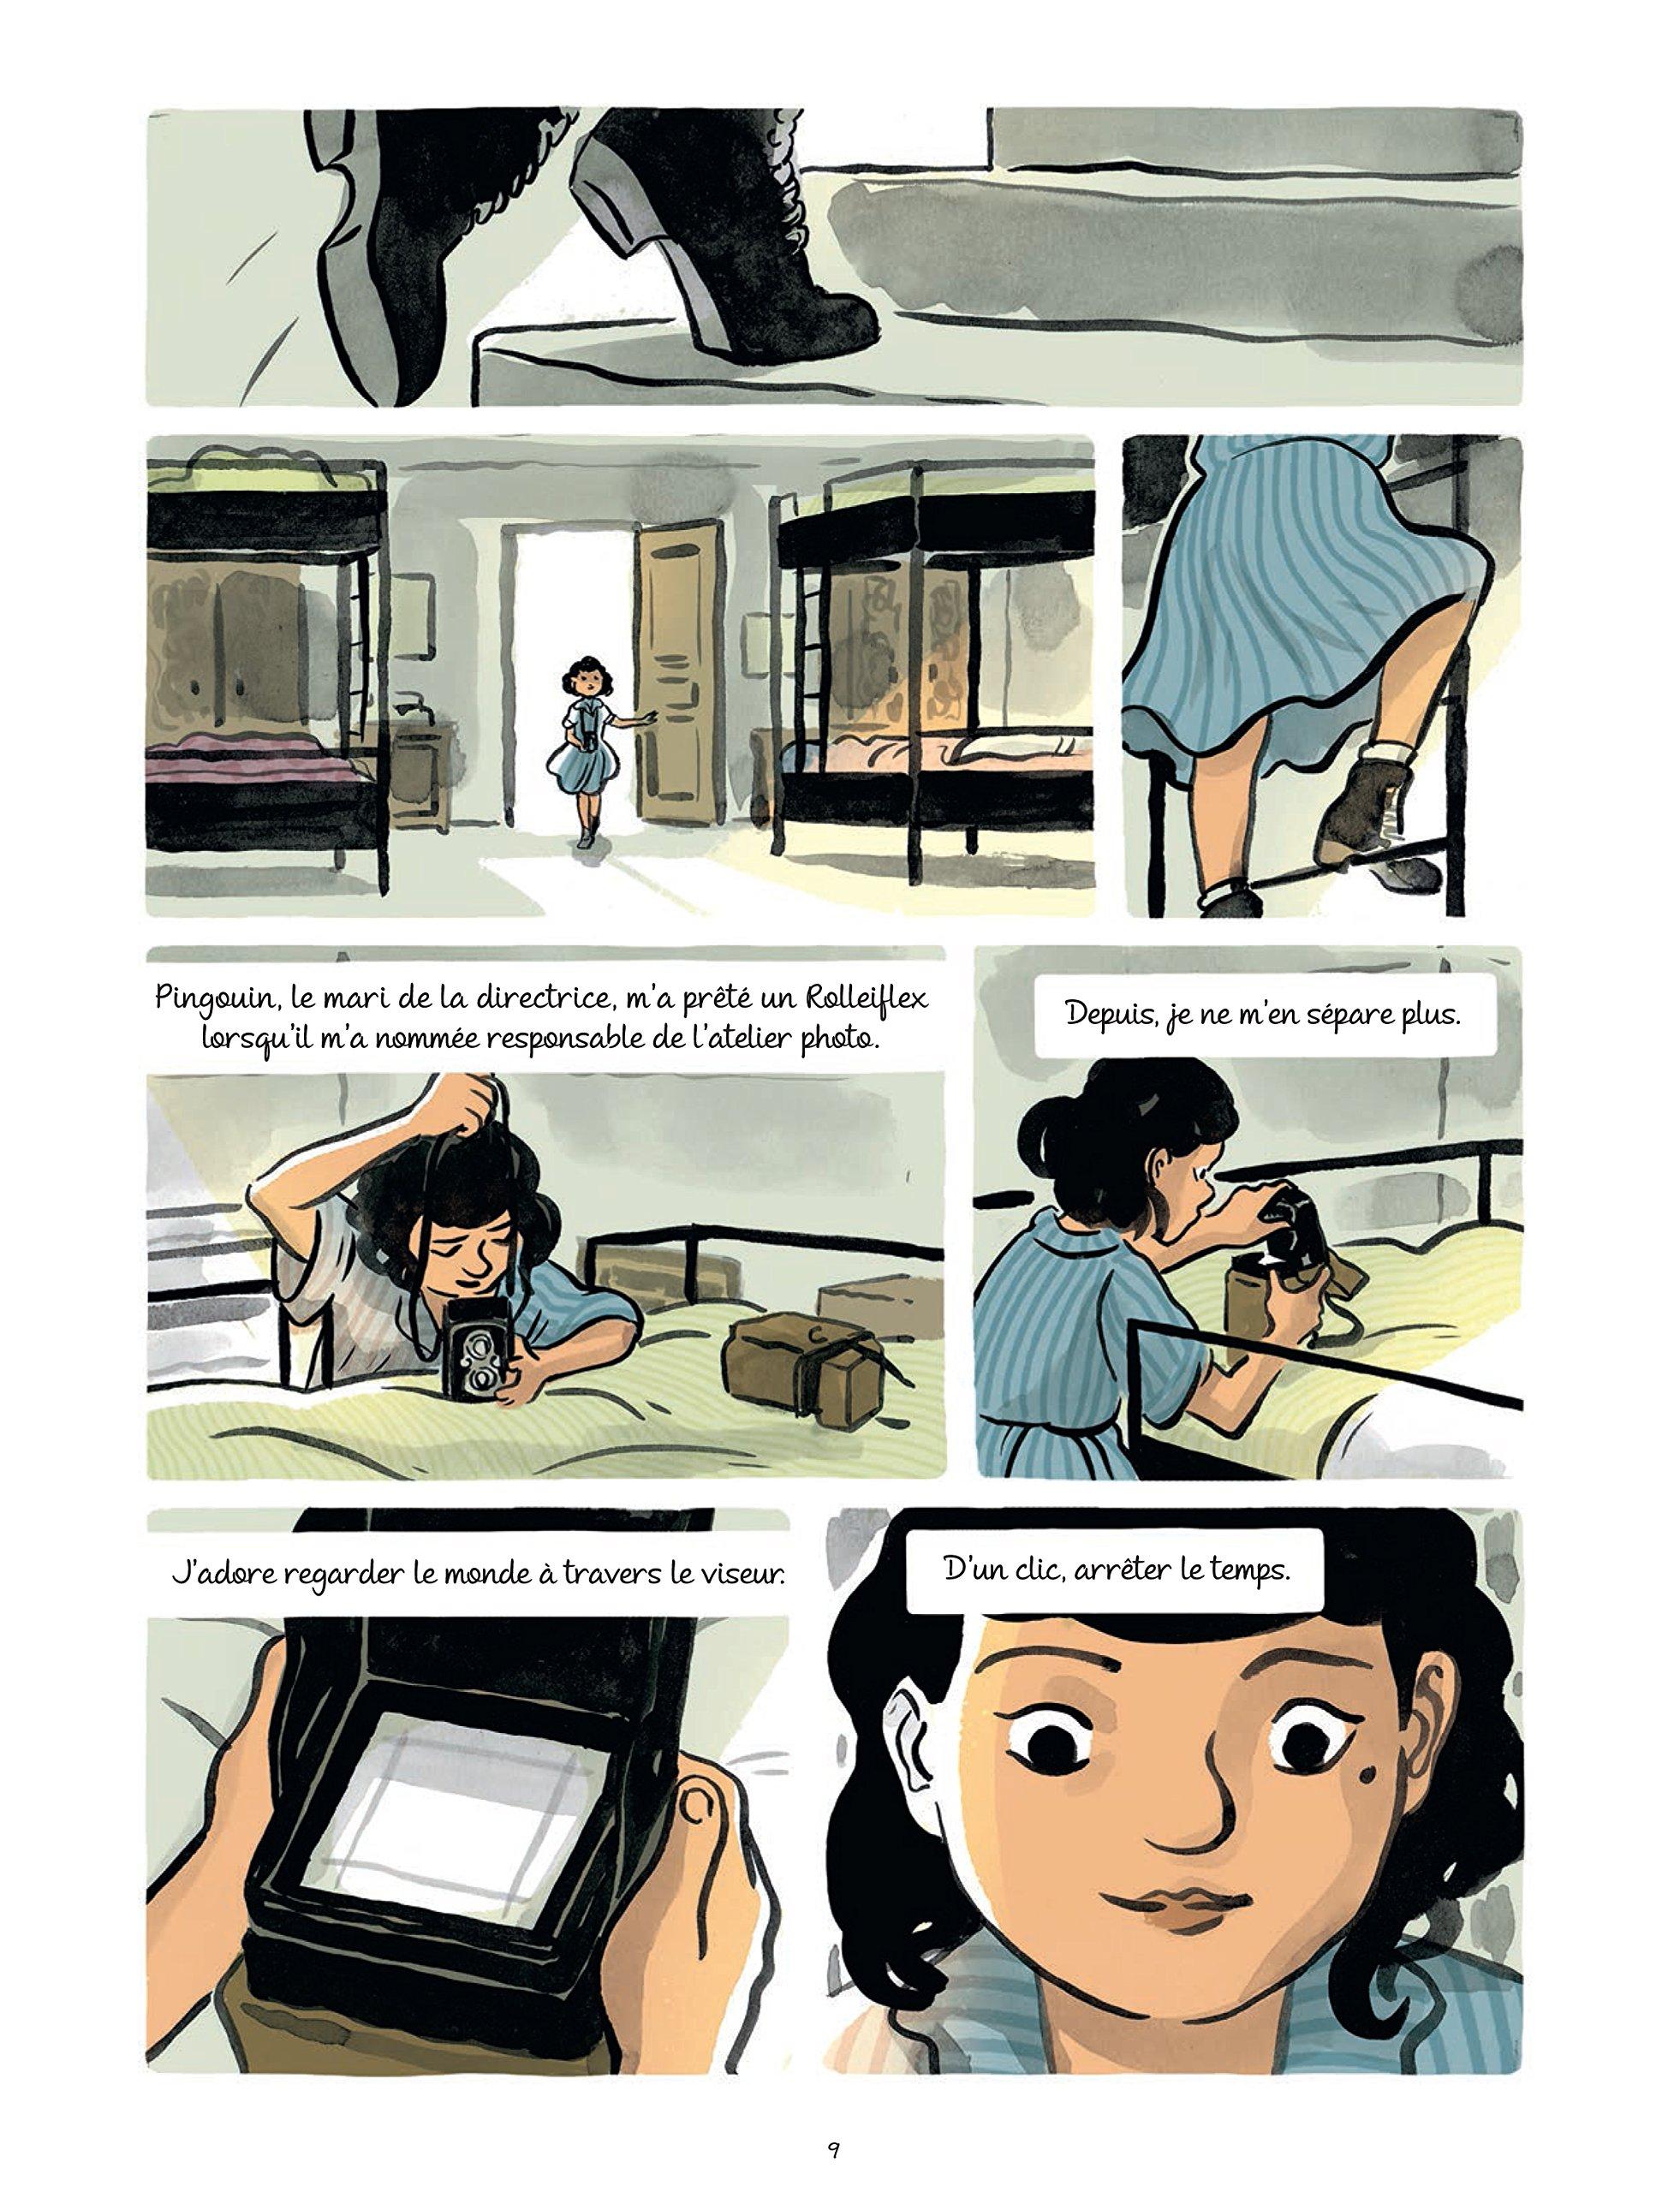 Guerre de catherine BD (la): Amazon.es: Claire Fauvel, Julia Billet: Libros en idiomas extranjeros